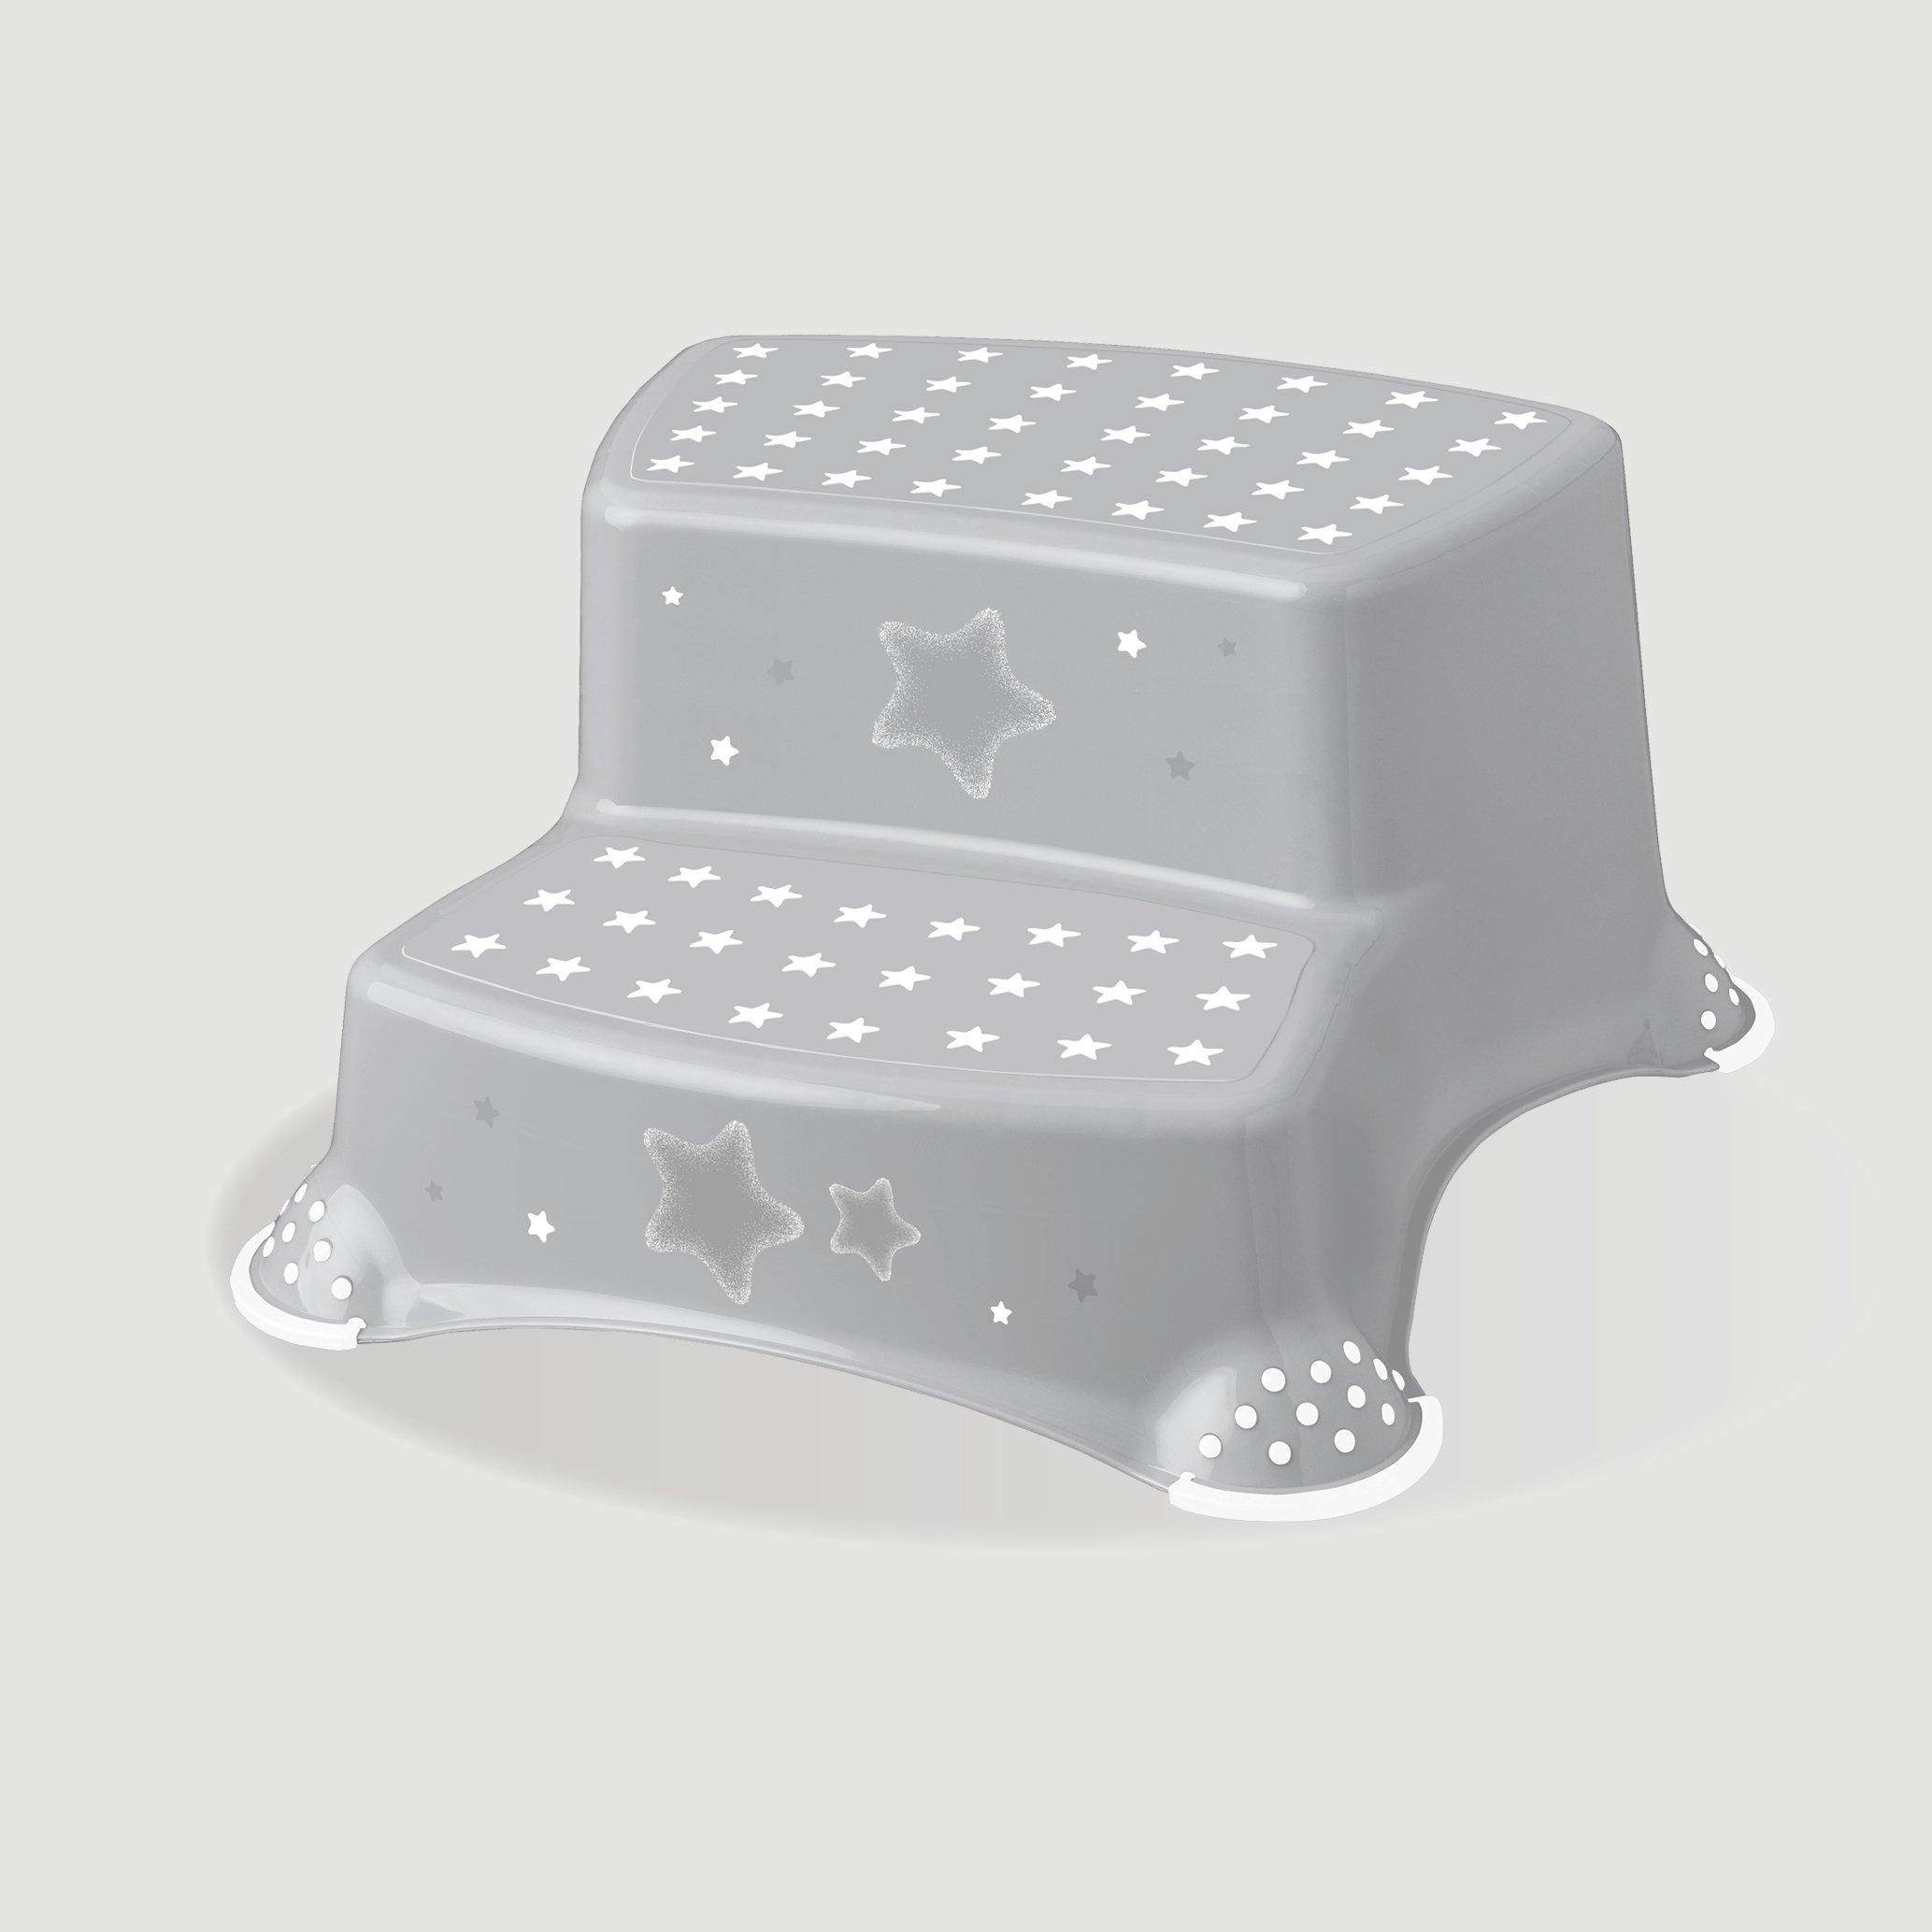 Protiskluzový stupínek stolièka dvoustupòová stars šedá - zvìtšit obrázek